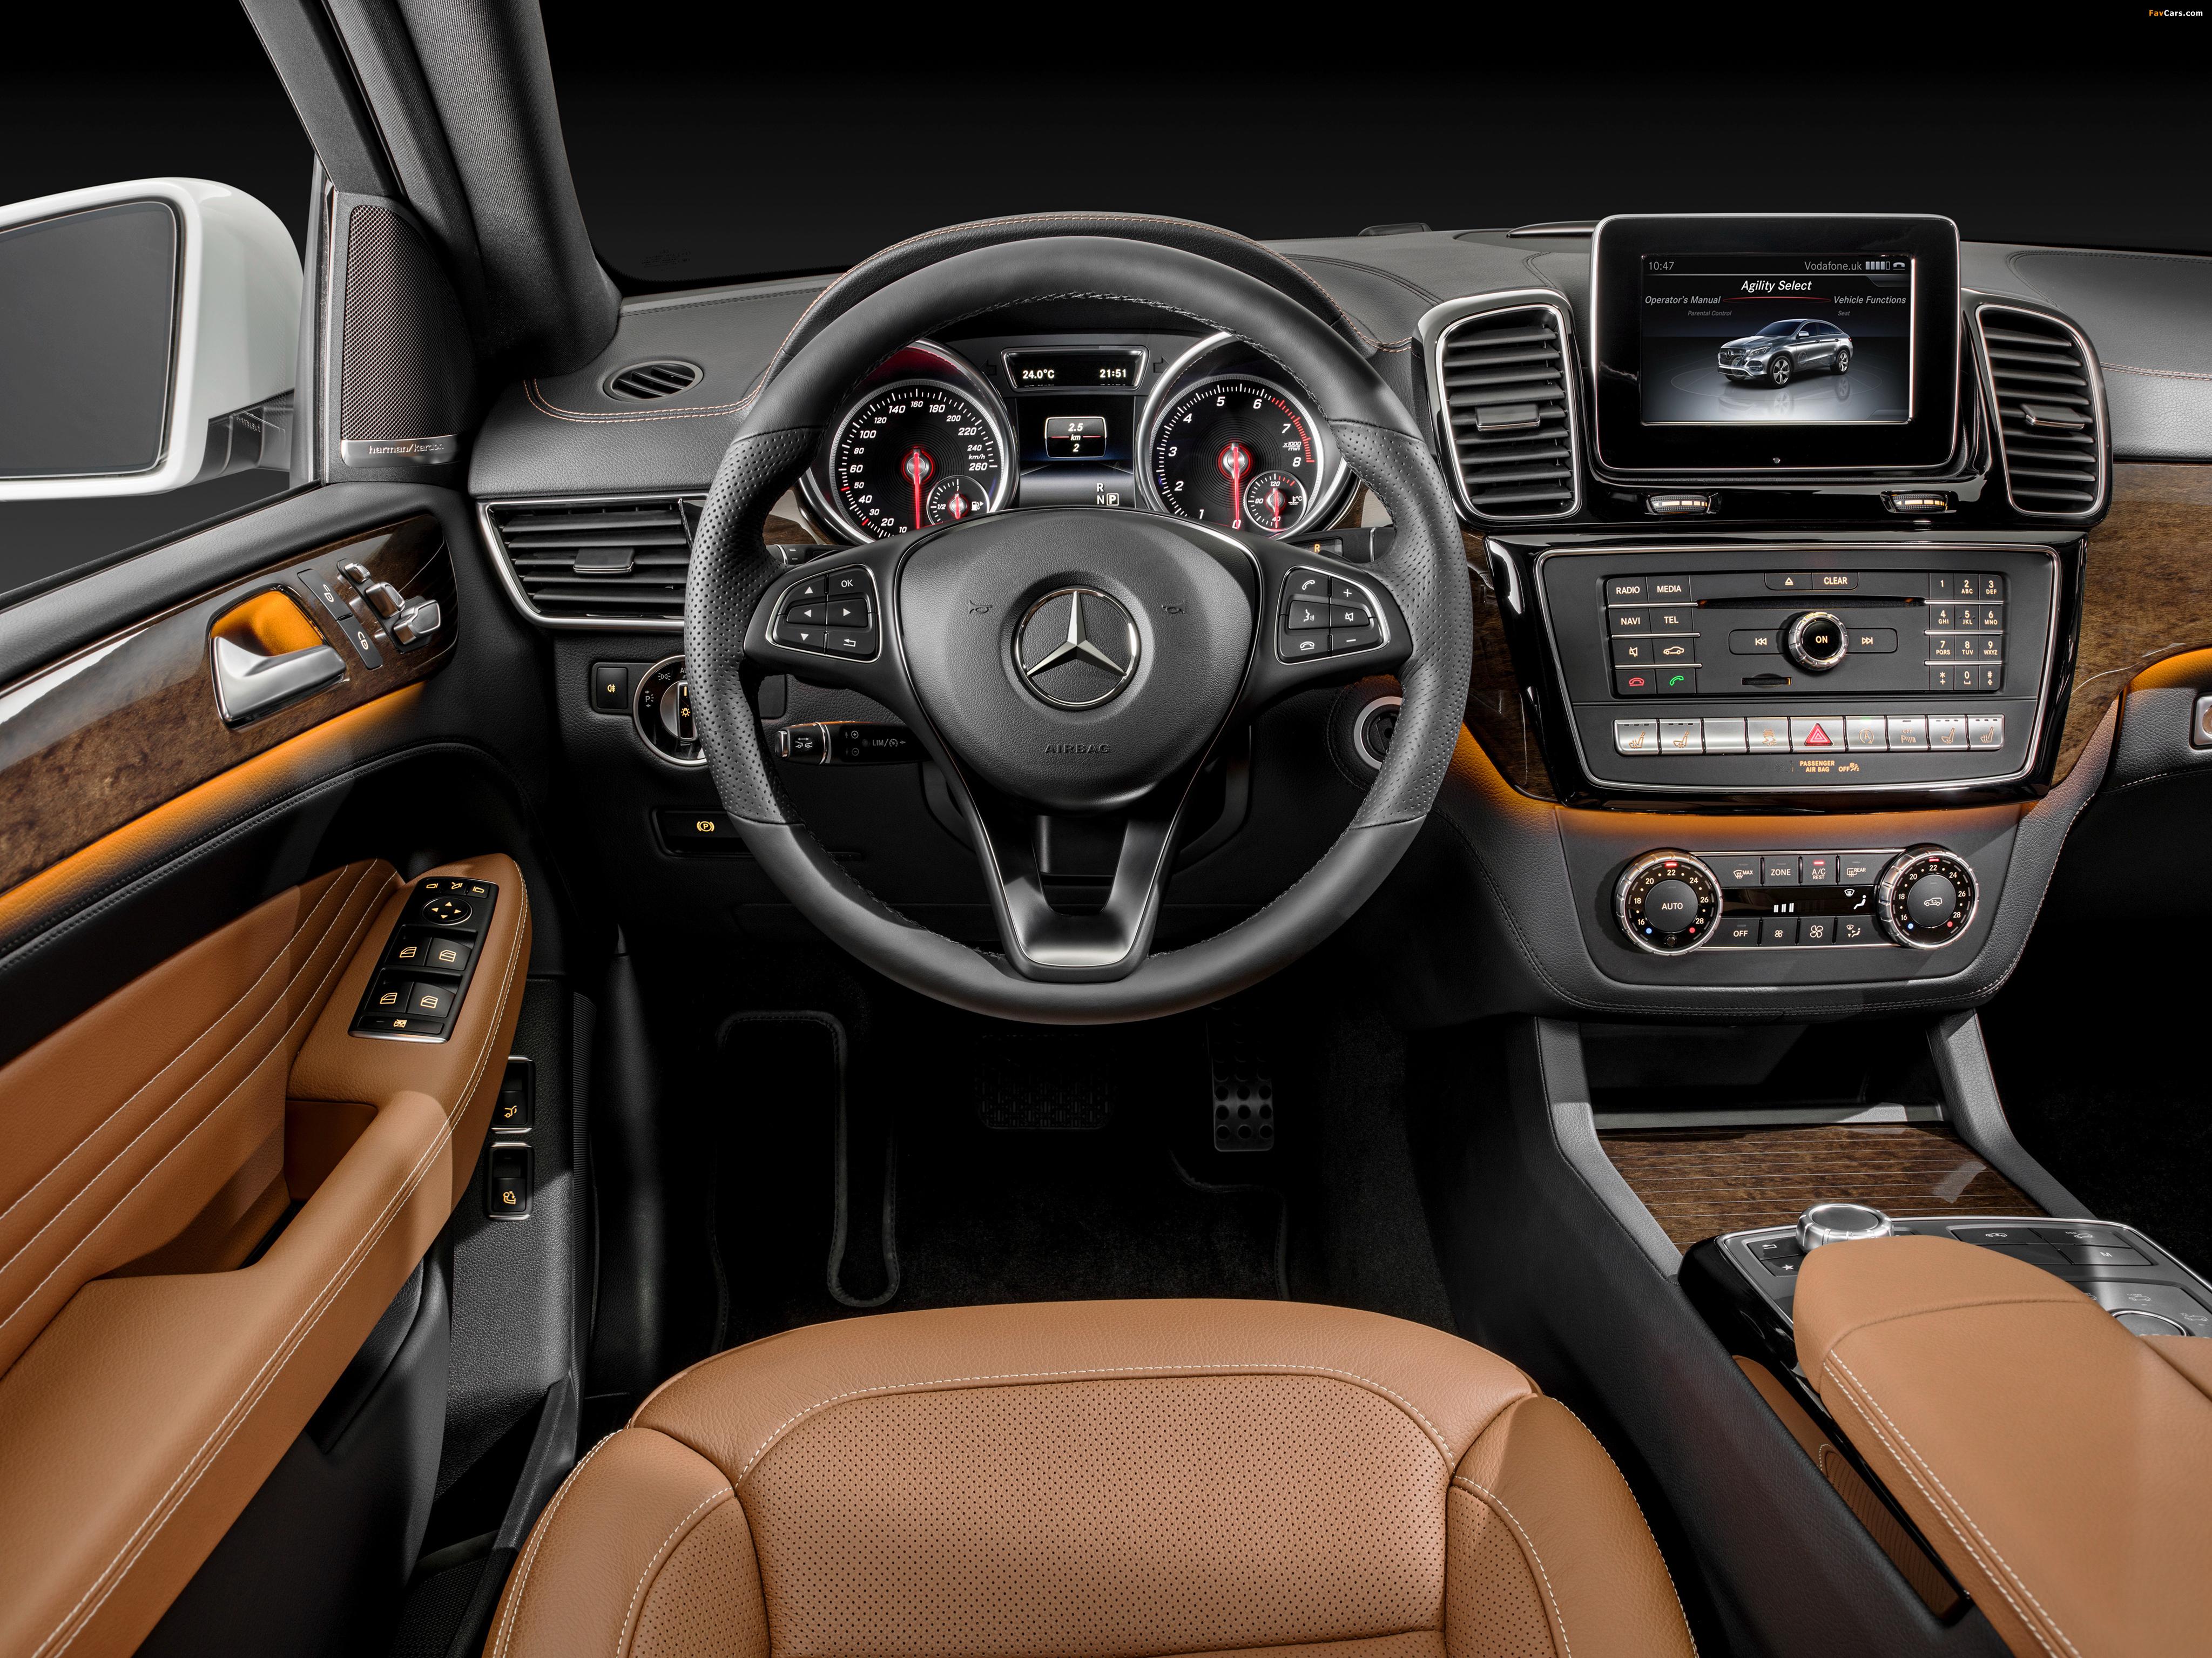 Mercedes-Benz GLE 400 4MATIC Coupé (C292) 2015 images (4096 x 3070)